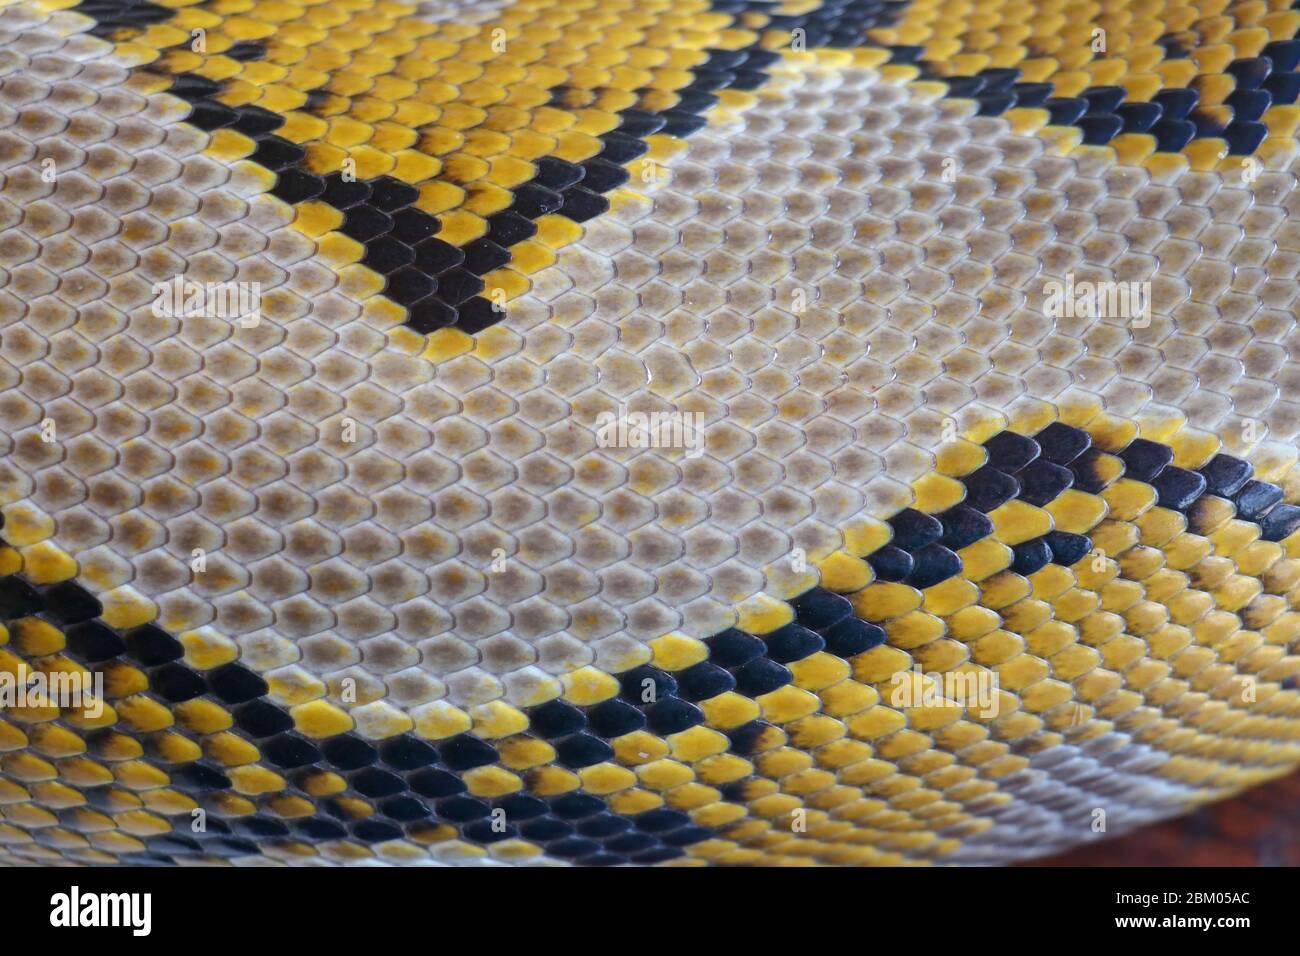 Gros plan de la texture de la peau du serpent pour le fond. Le python réticulé est un serpent non venimeux originaire de l'Asie du Sud et du Sud-est. Macro photo python sna Banque D'Images